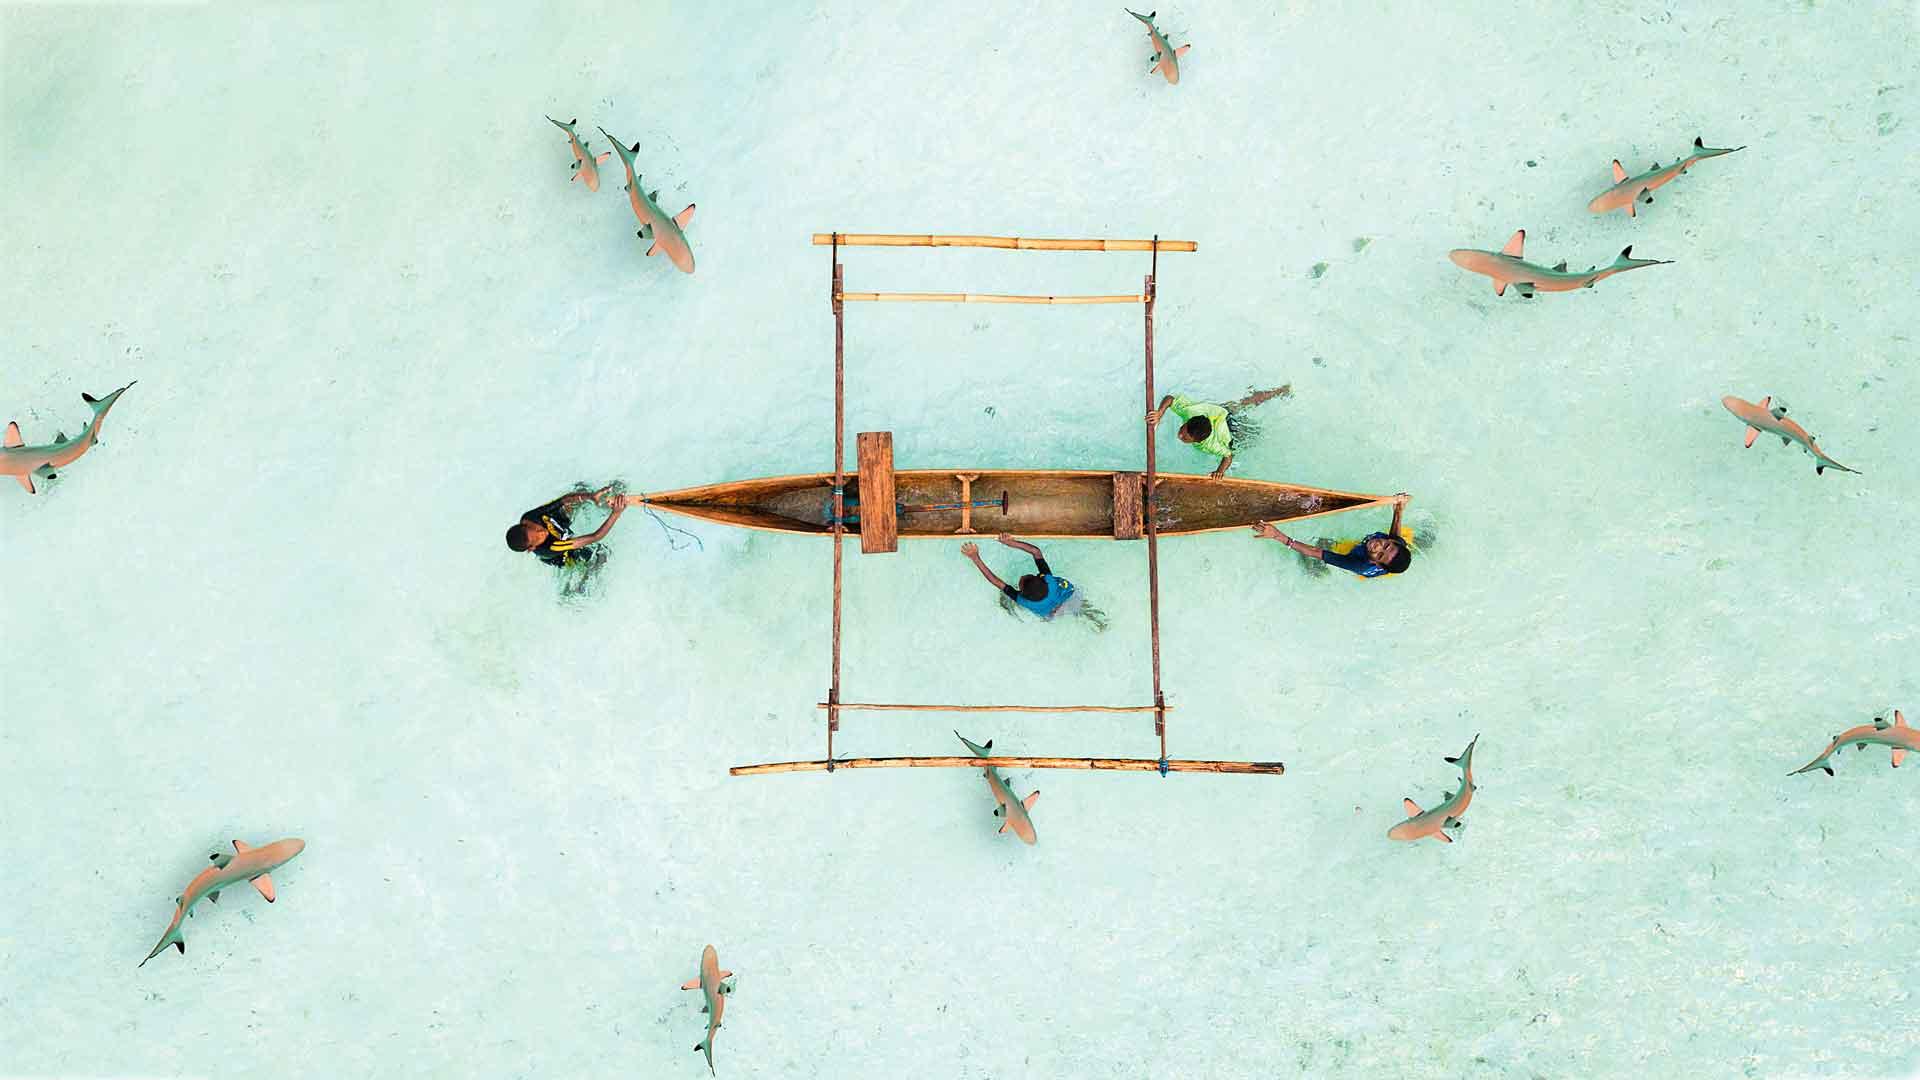 Las mejores capturas aéreas de paisajes increíbles